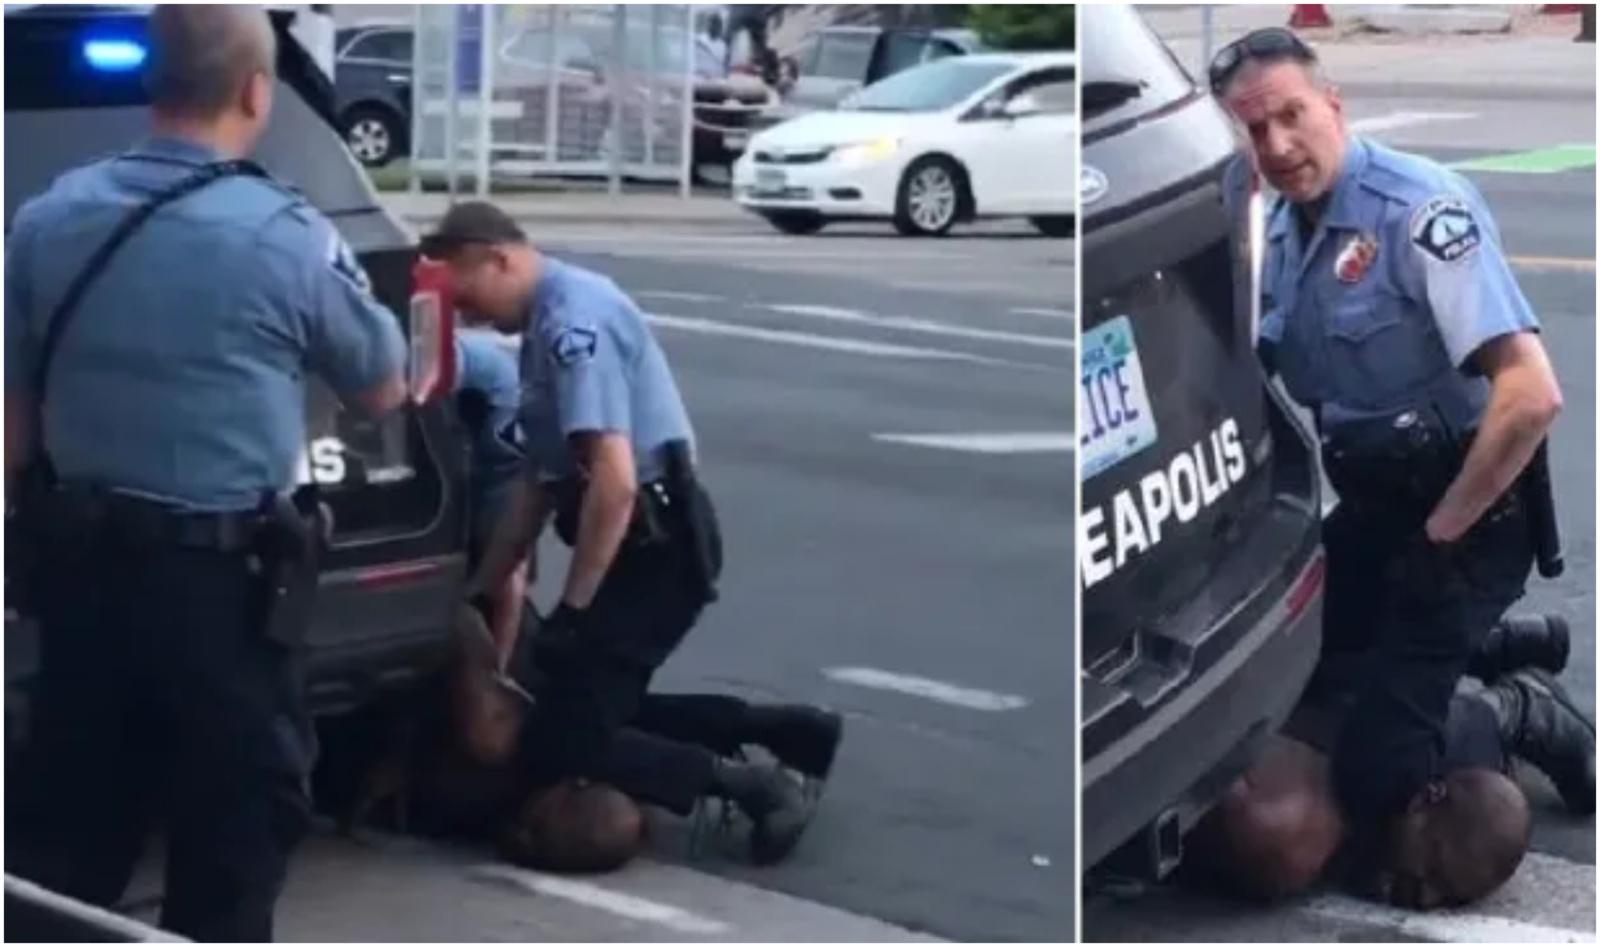 Dar vienas policijos brutalumo atvejis: pareigūno prispaustas juodaodis mirė maldaudamas oro (vaizdo įrašas)